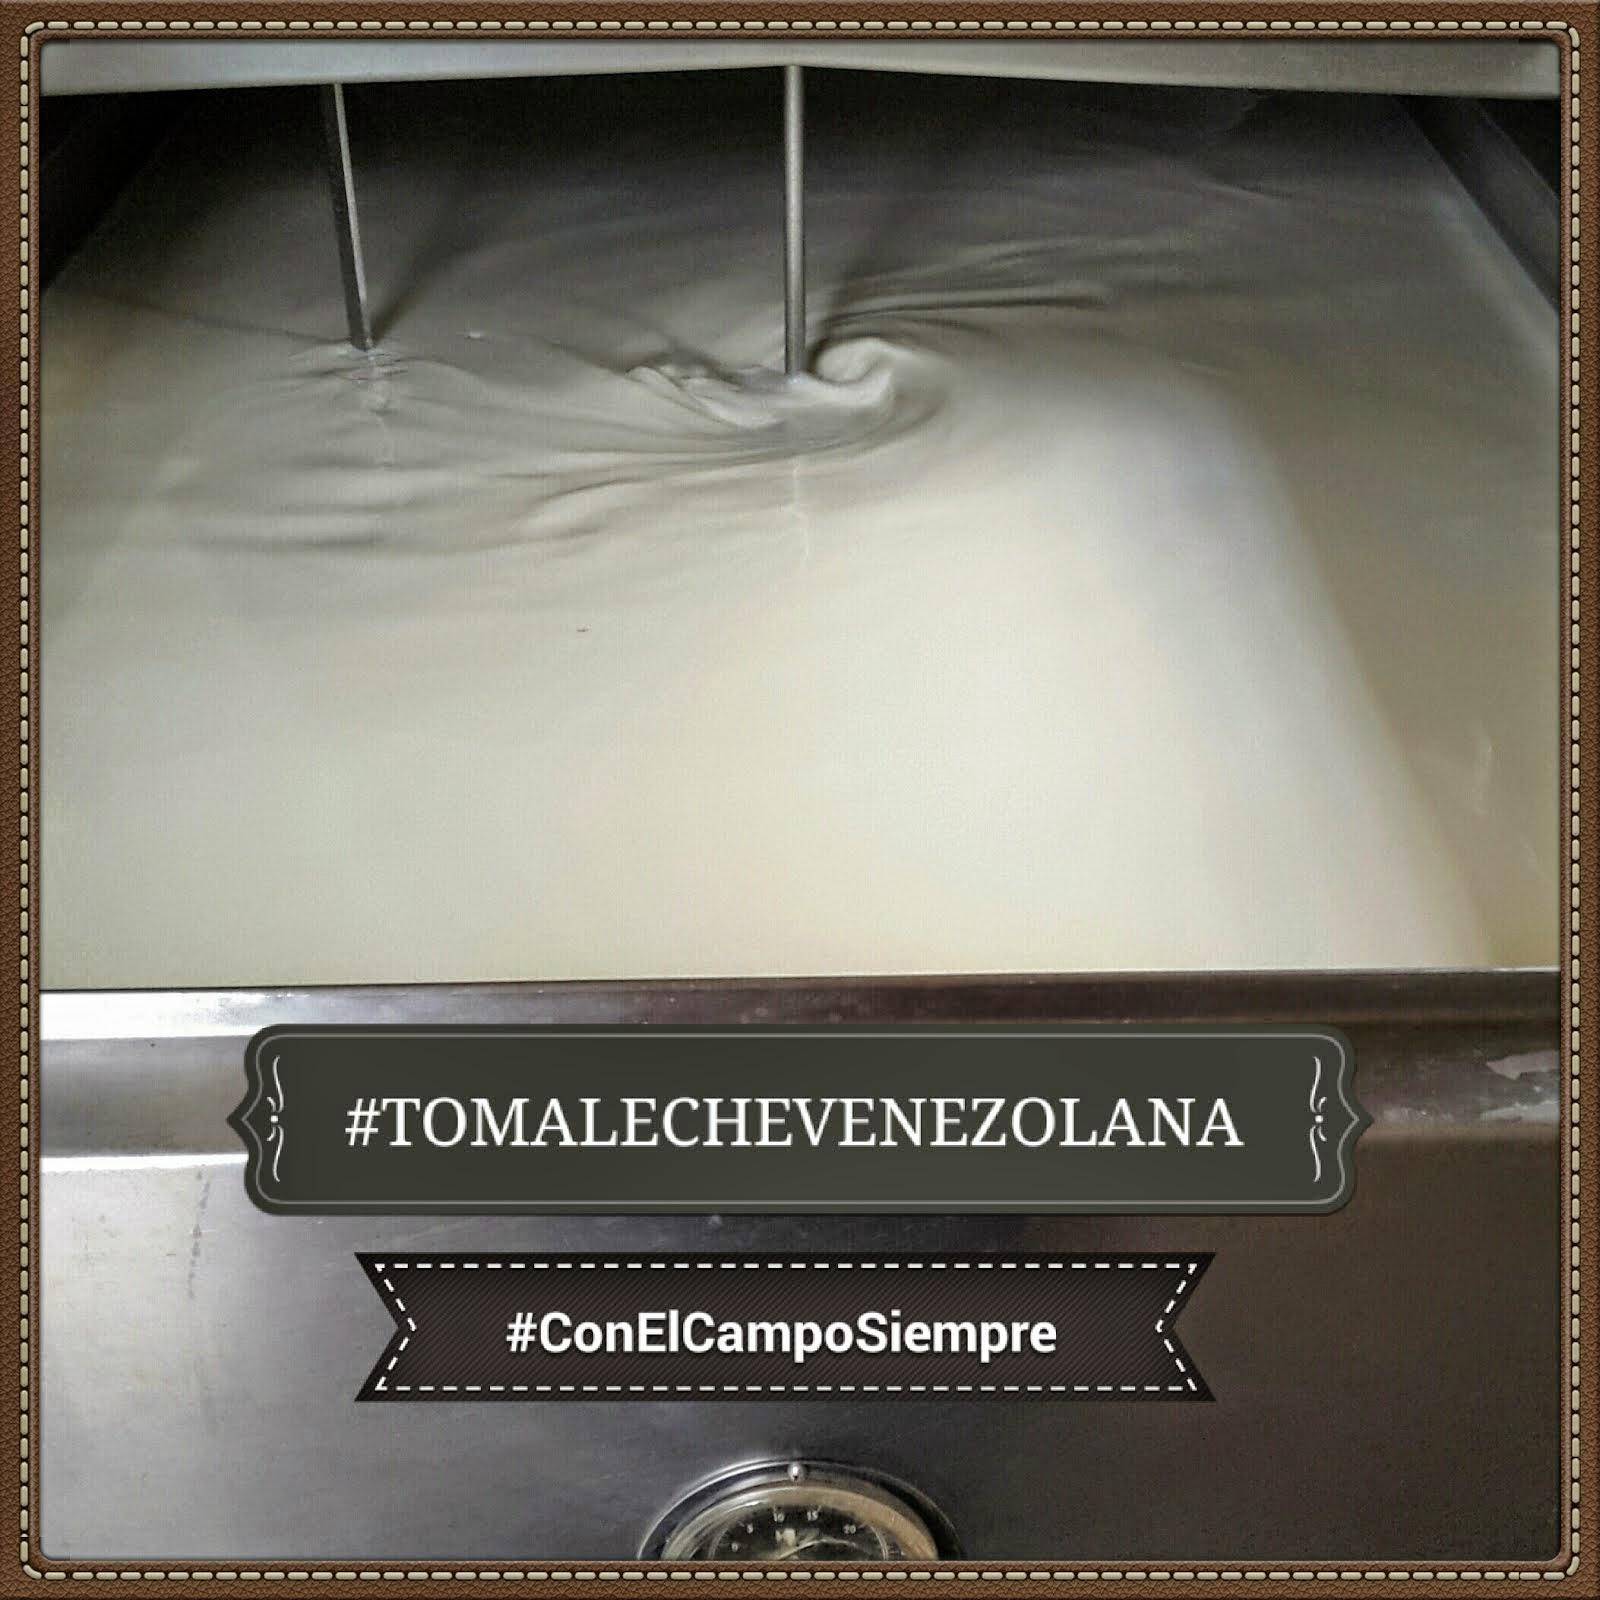 #TOMALECHEVENEZOLANA